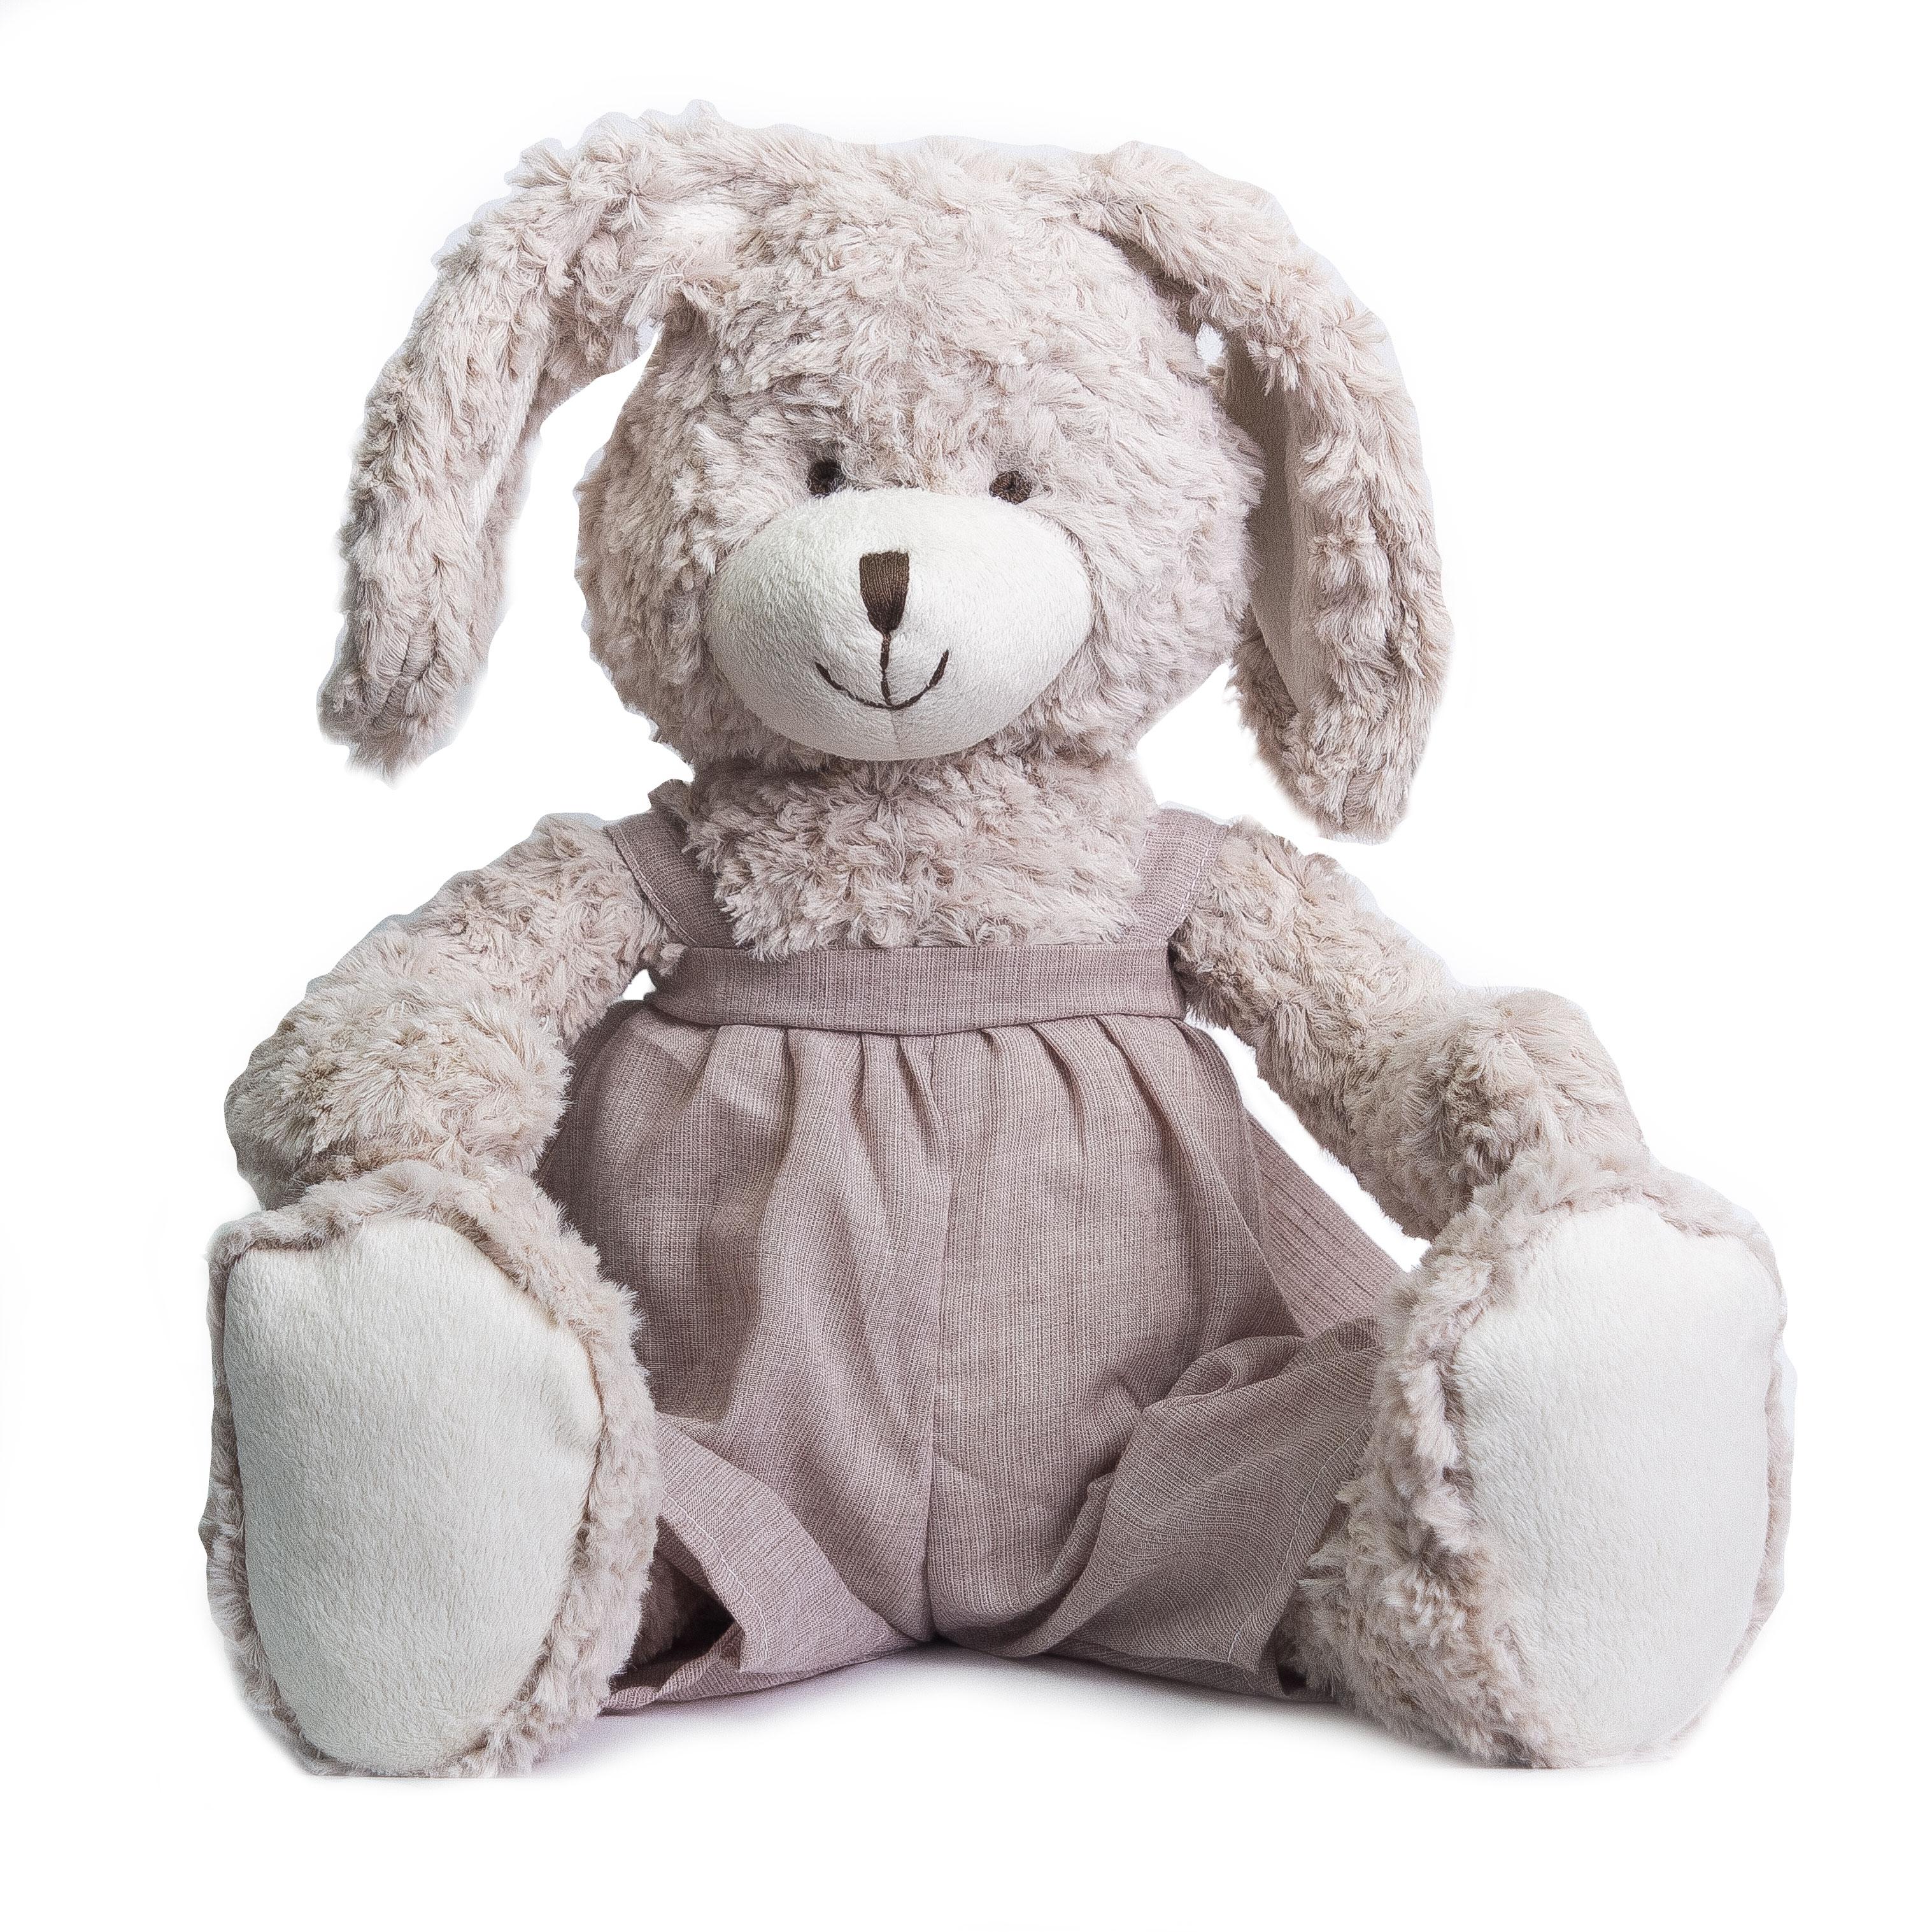 Купить 70-KY15AP4005, Мягкая игрушка Gulliver Зайка Том, 40 см, Gulliver мягкая игрушка (shop: GulliverMarket Gulliver Market)